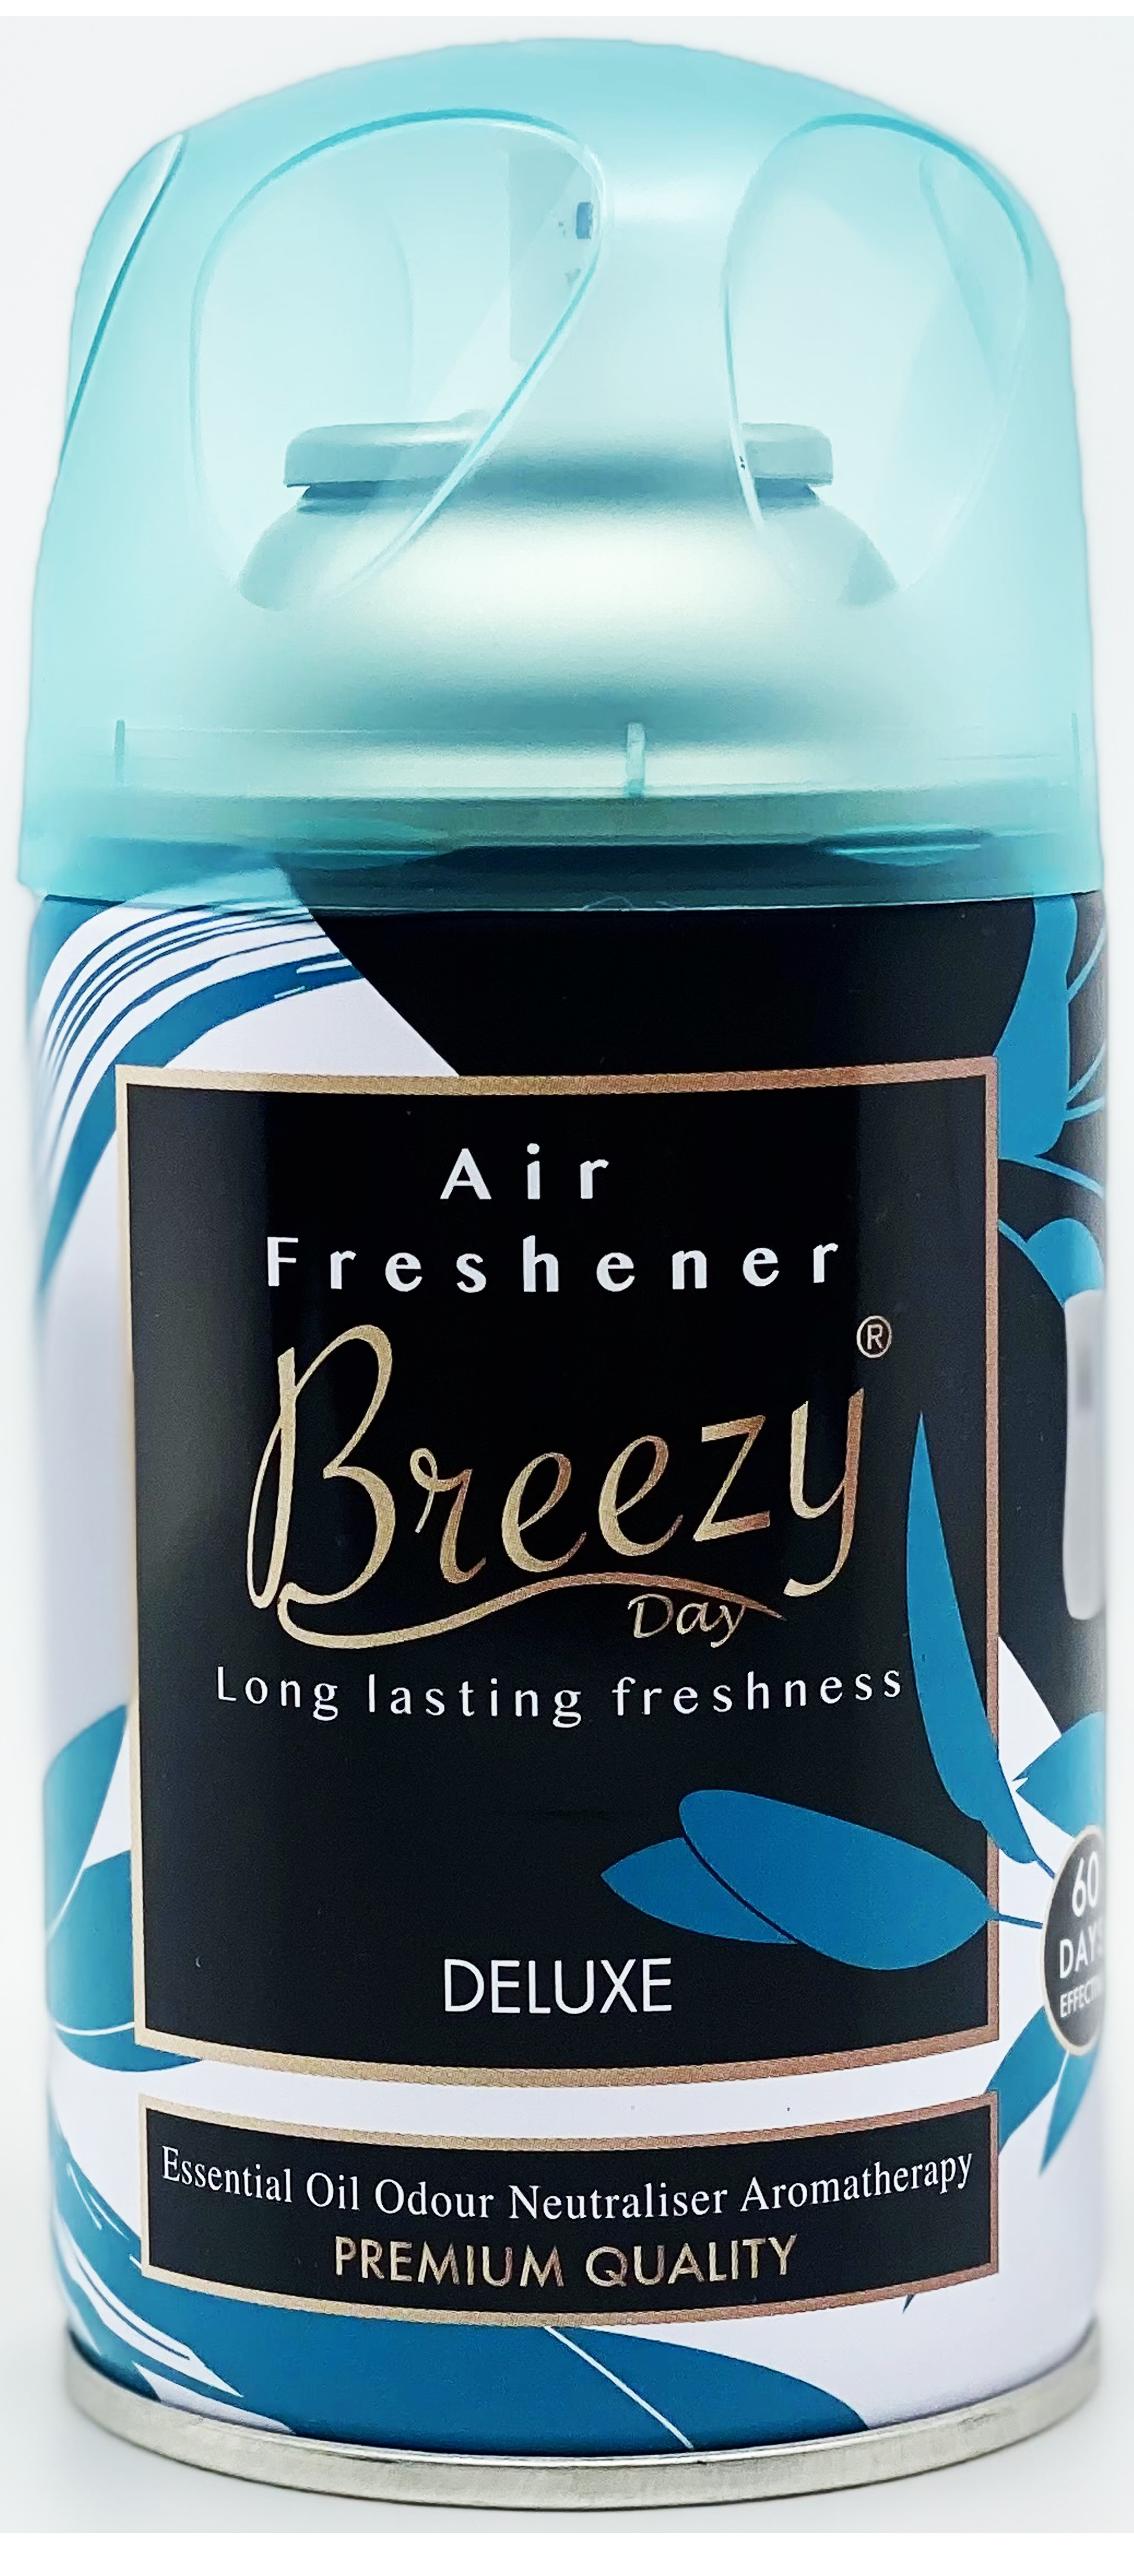 Breezy Deluxe